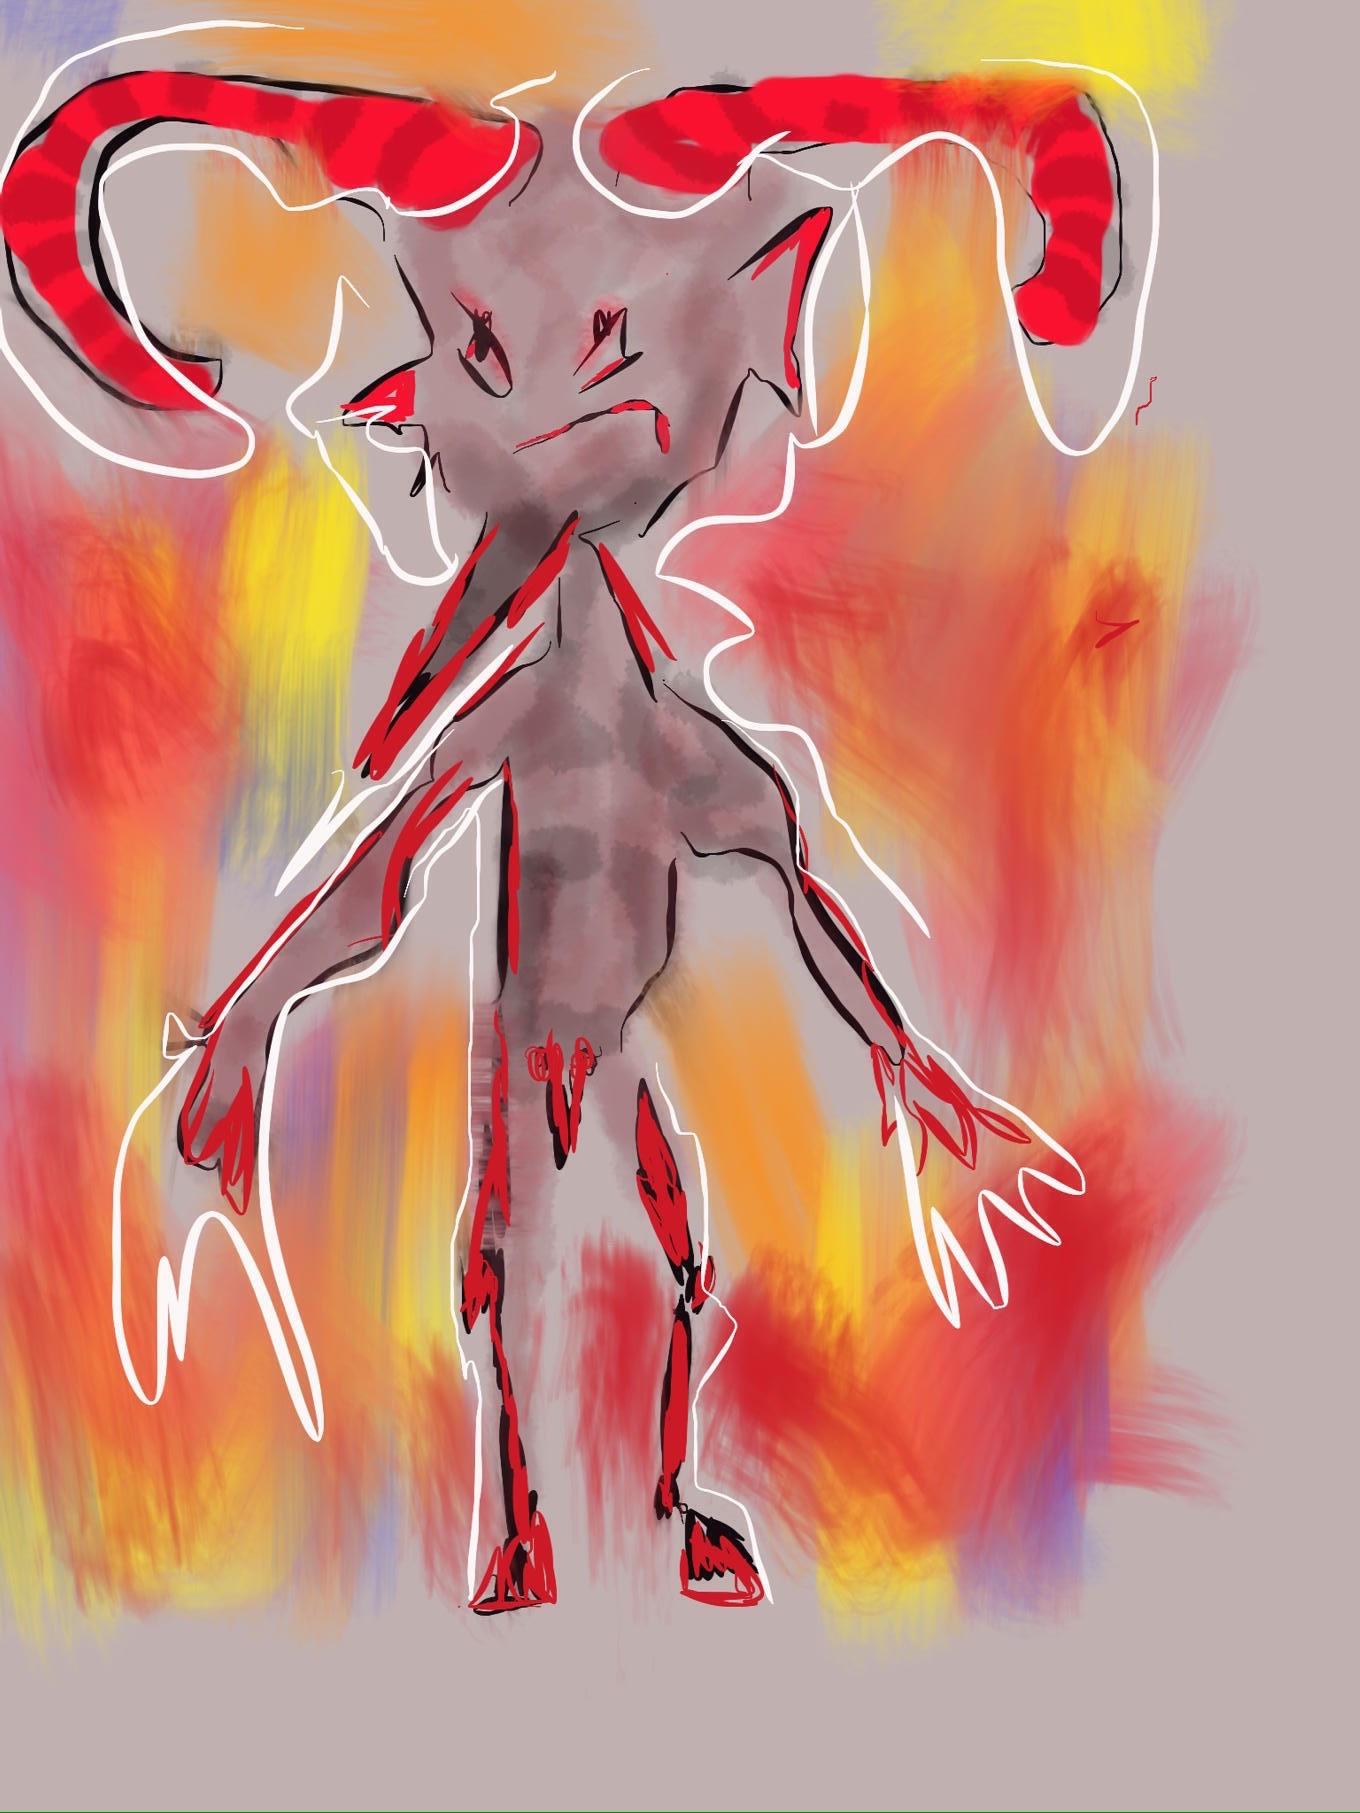 © Toverheks.com, duiveltje, haat, goede, boosheid, boze duvel, kwaad, het kwaad, duisternis, slecht